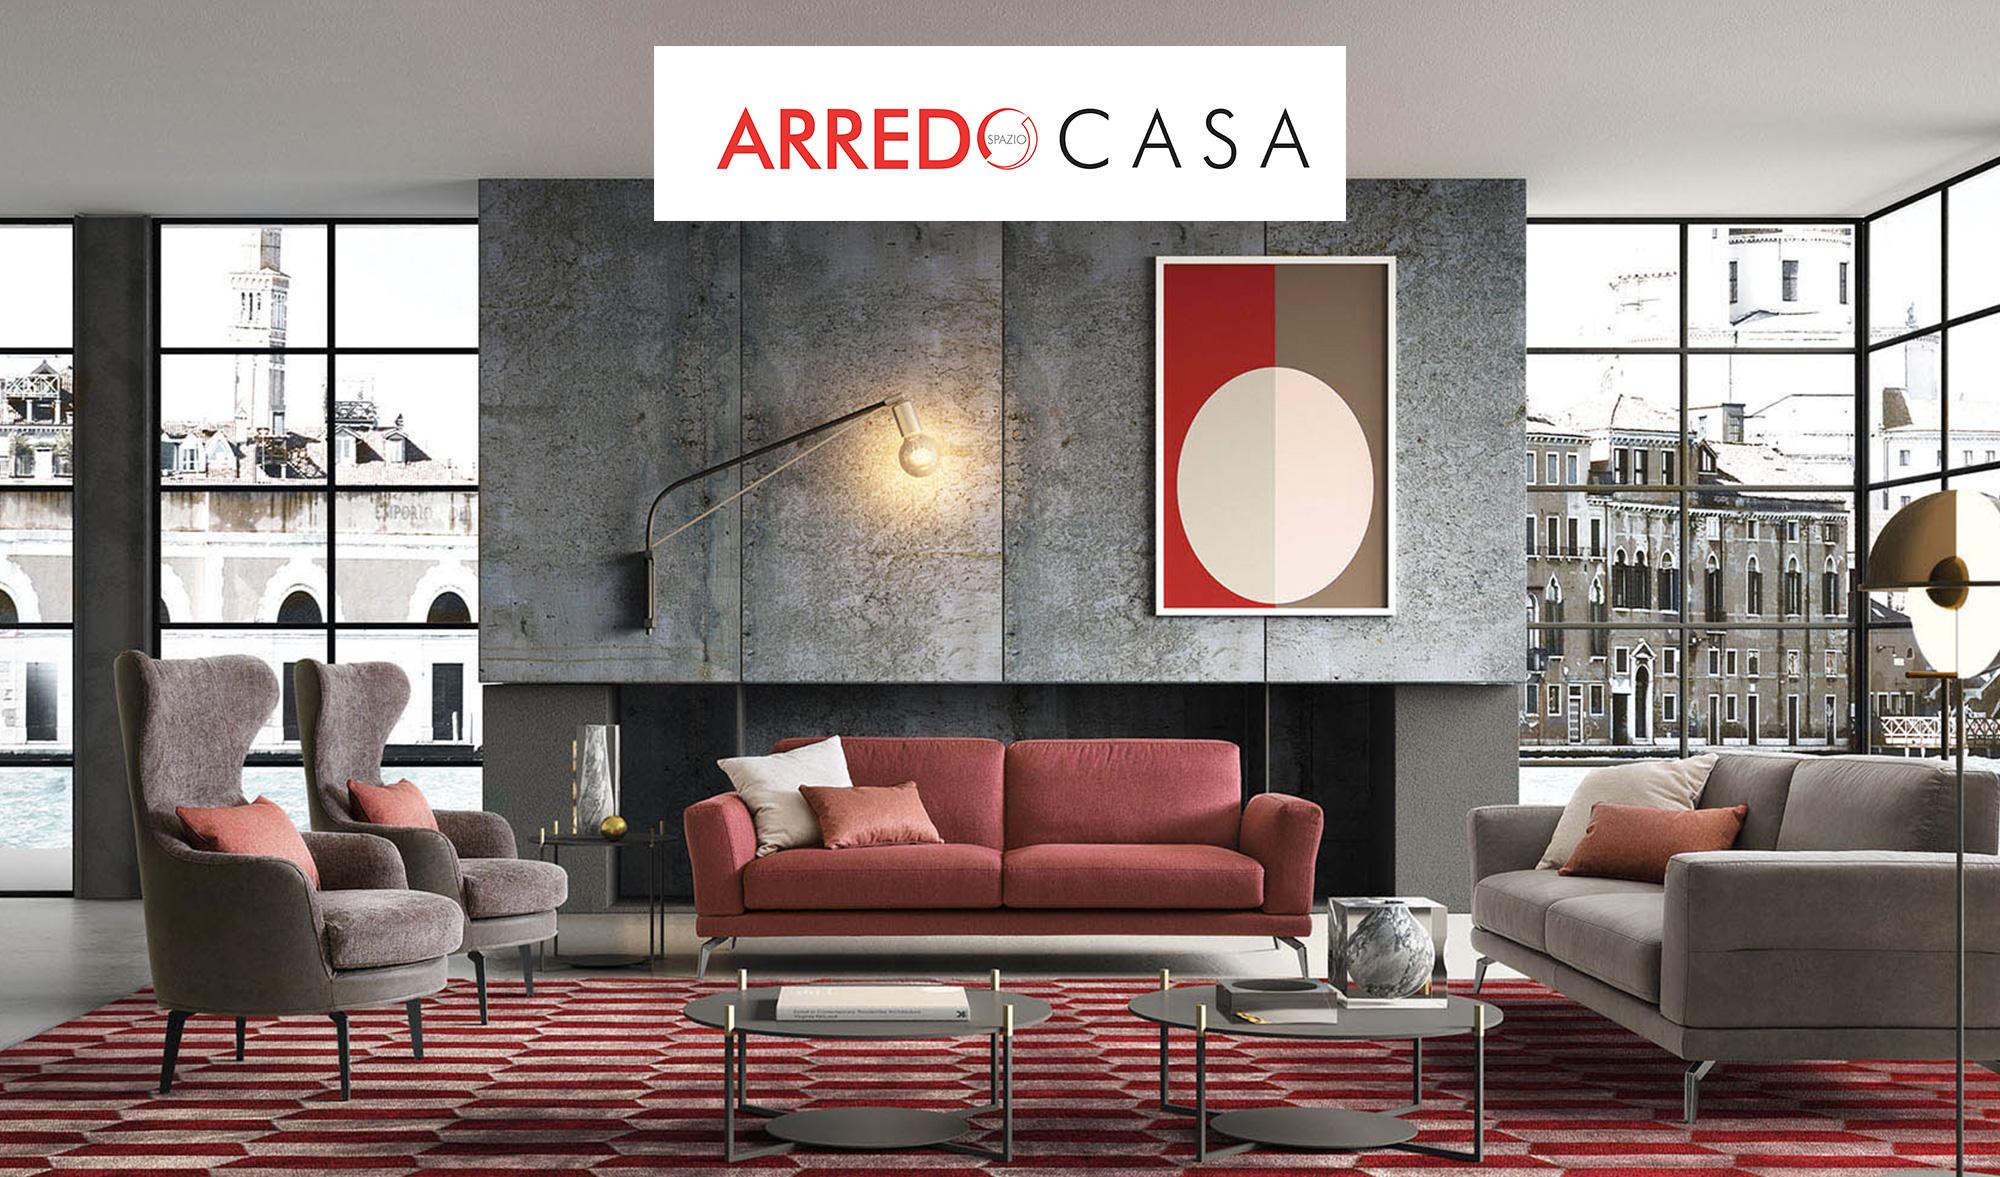 Divani LeComfort : qualità, innovazione e design - ARREDO SPAZIO CASA